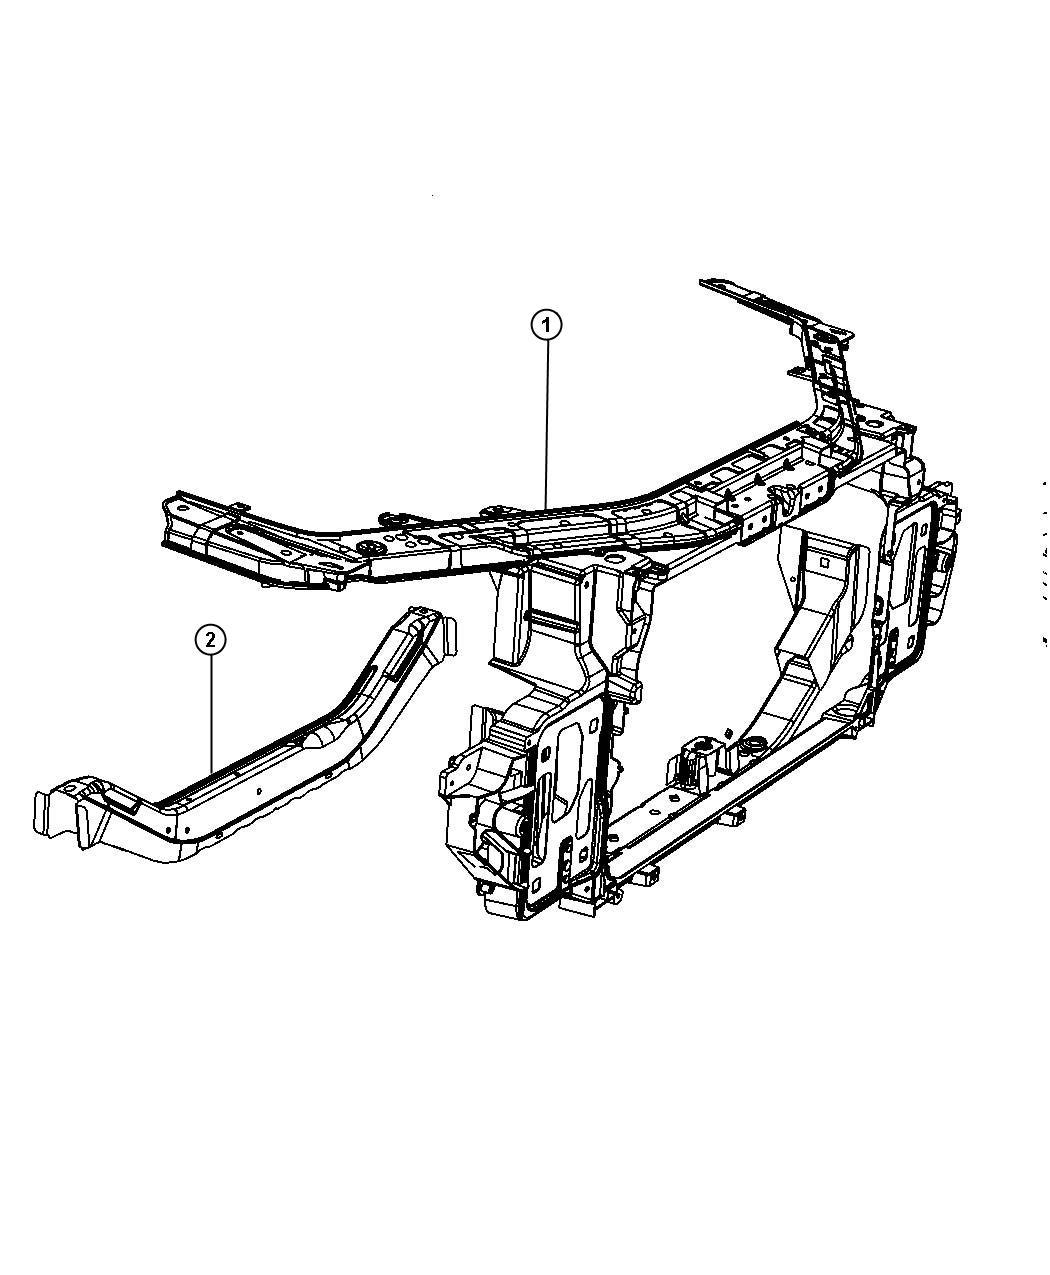 2010 Chrysler Sebring Brace, bracket, crossmember. Front